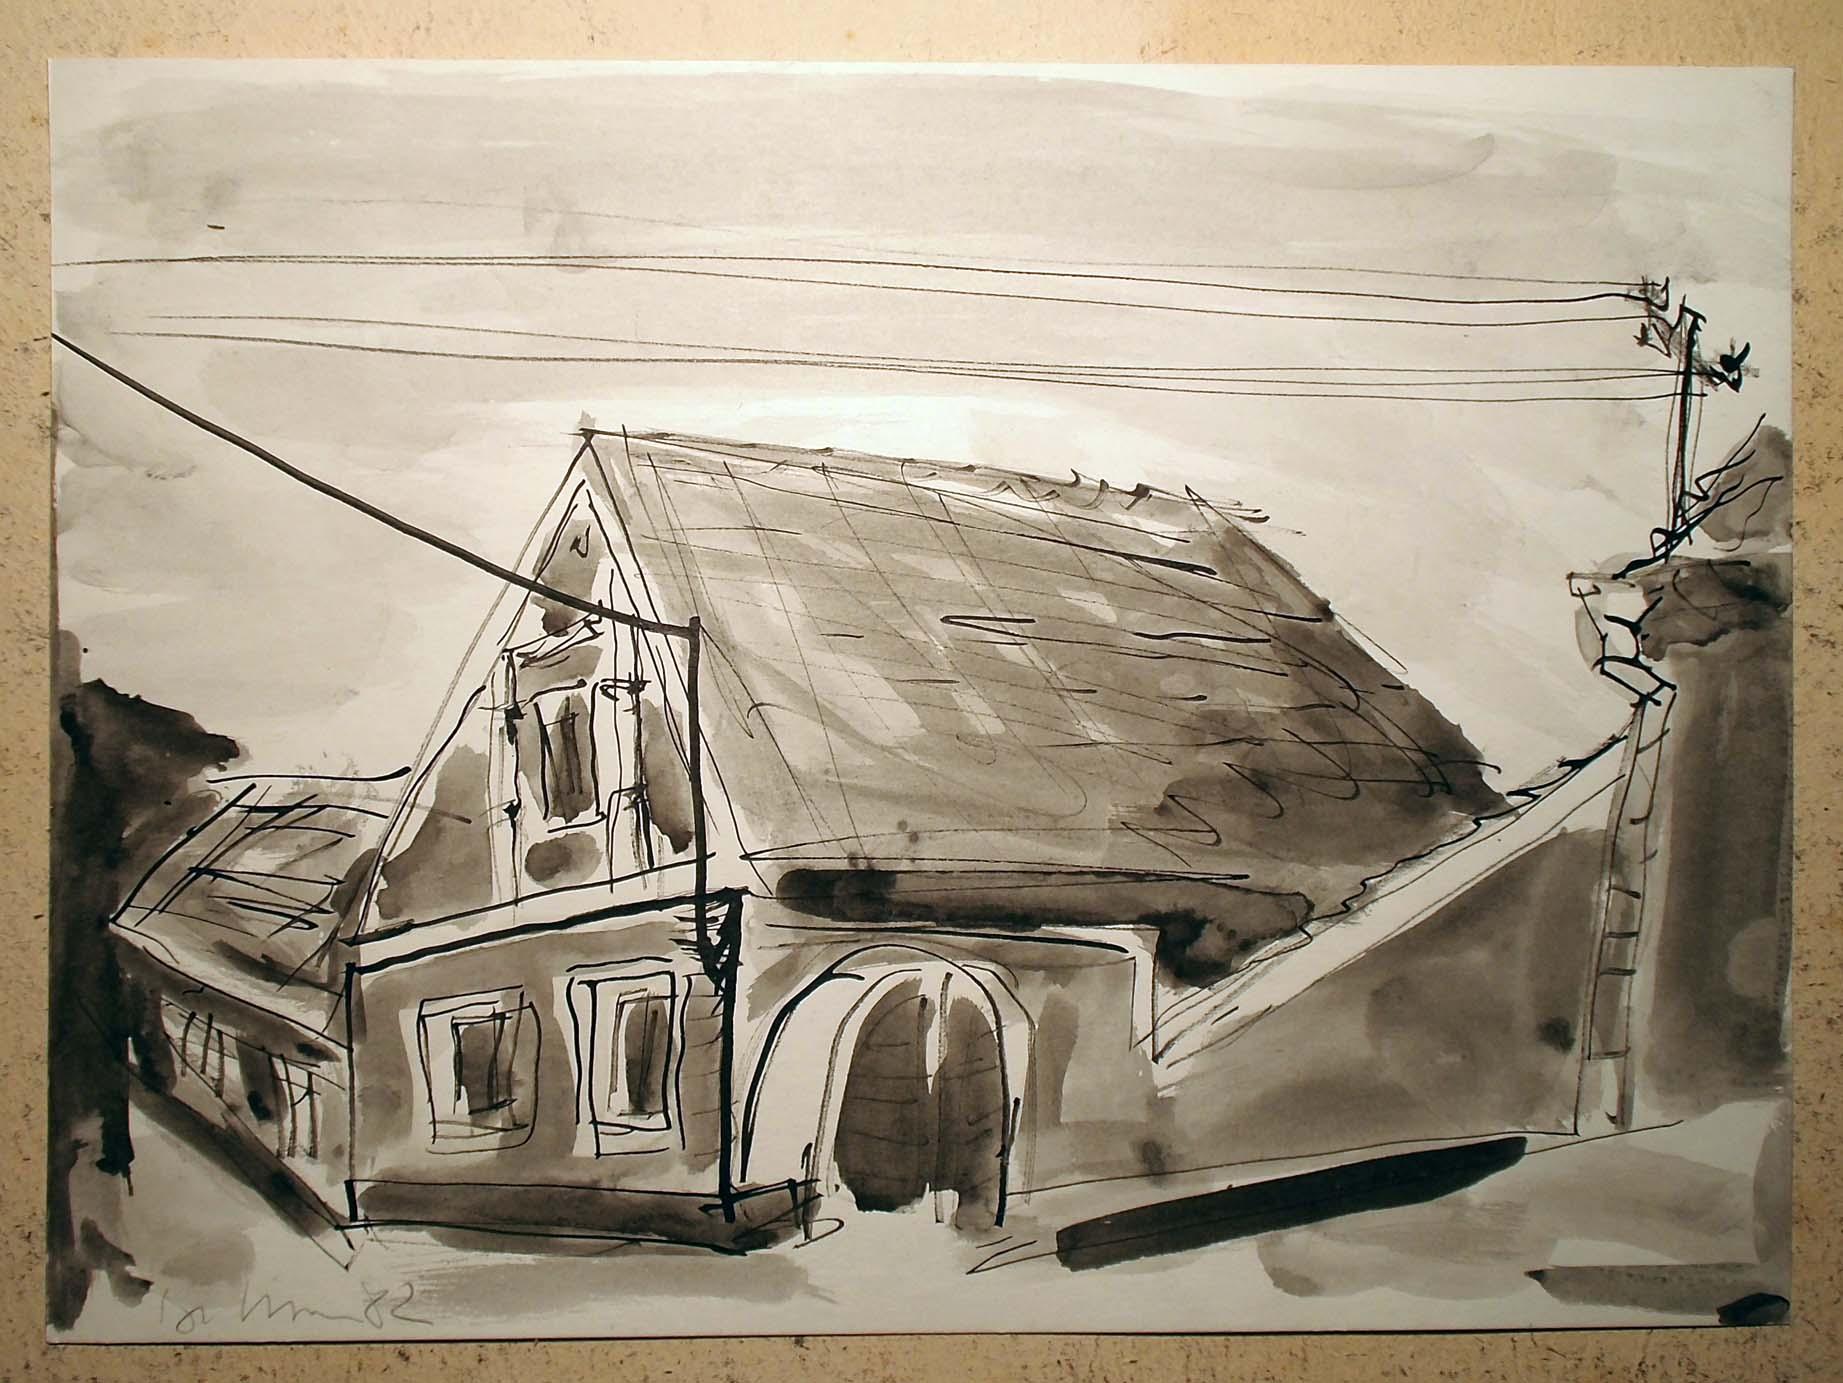 Pankpress Pinsel Zeichnung In böhmischen Dörfern I Peter Dettmann 1982